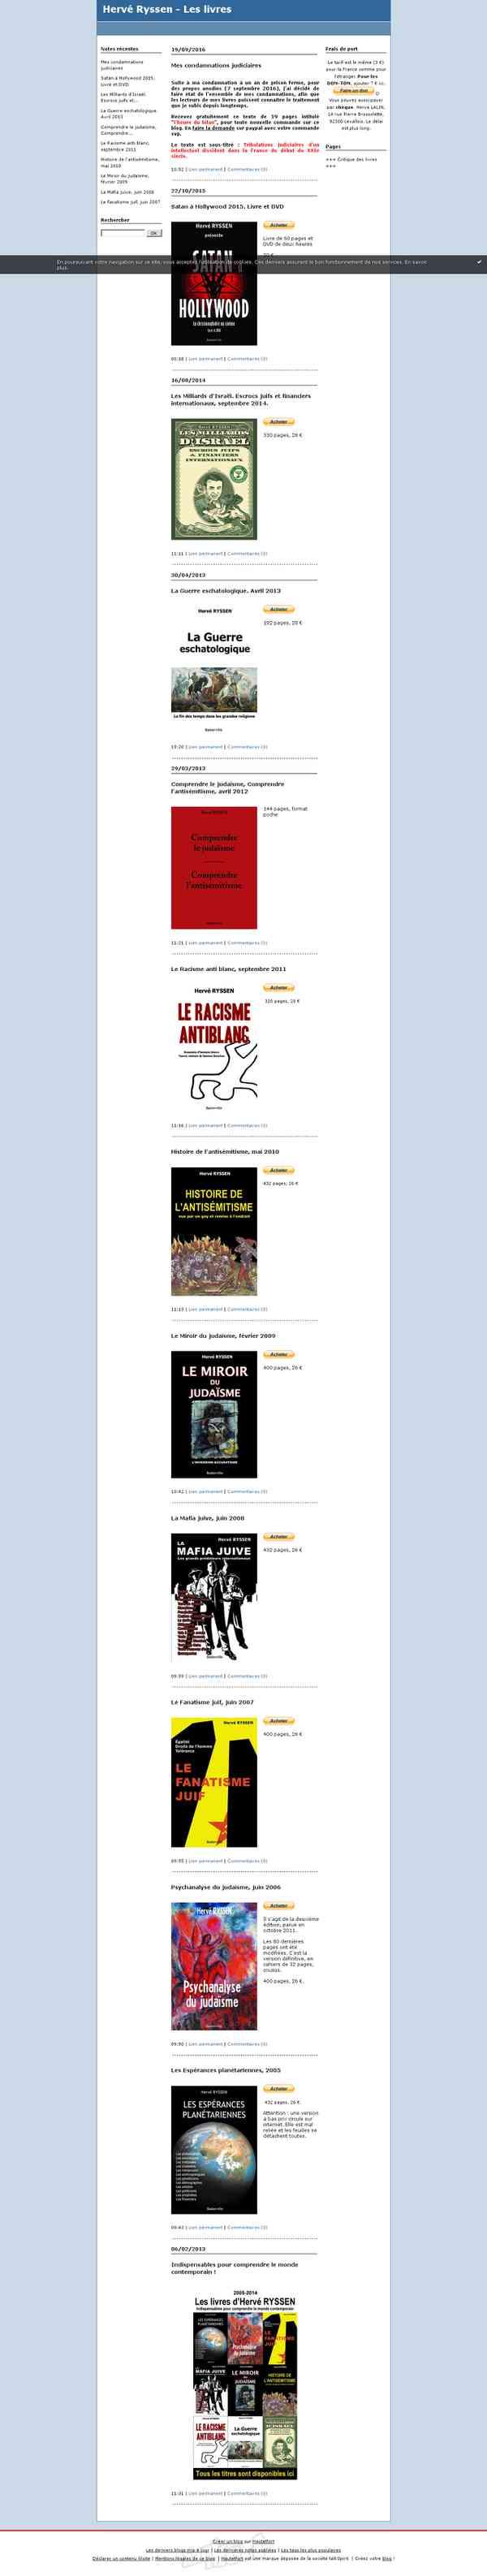 Hervé Ryssen - Les livres